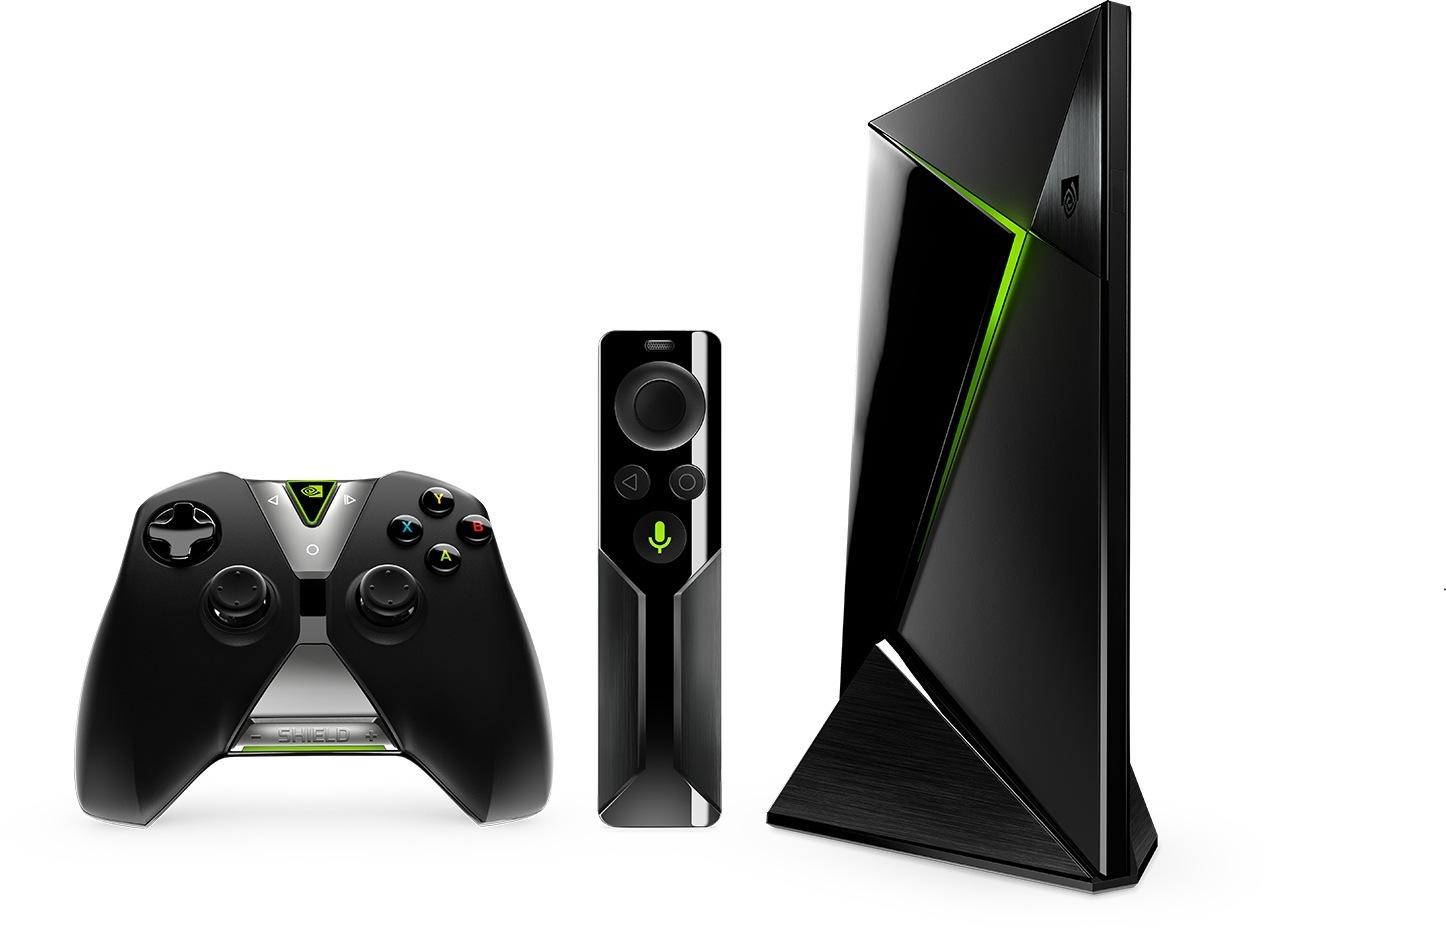 shield-android-tv-still.jpg